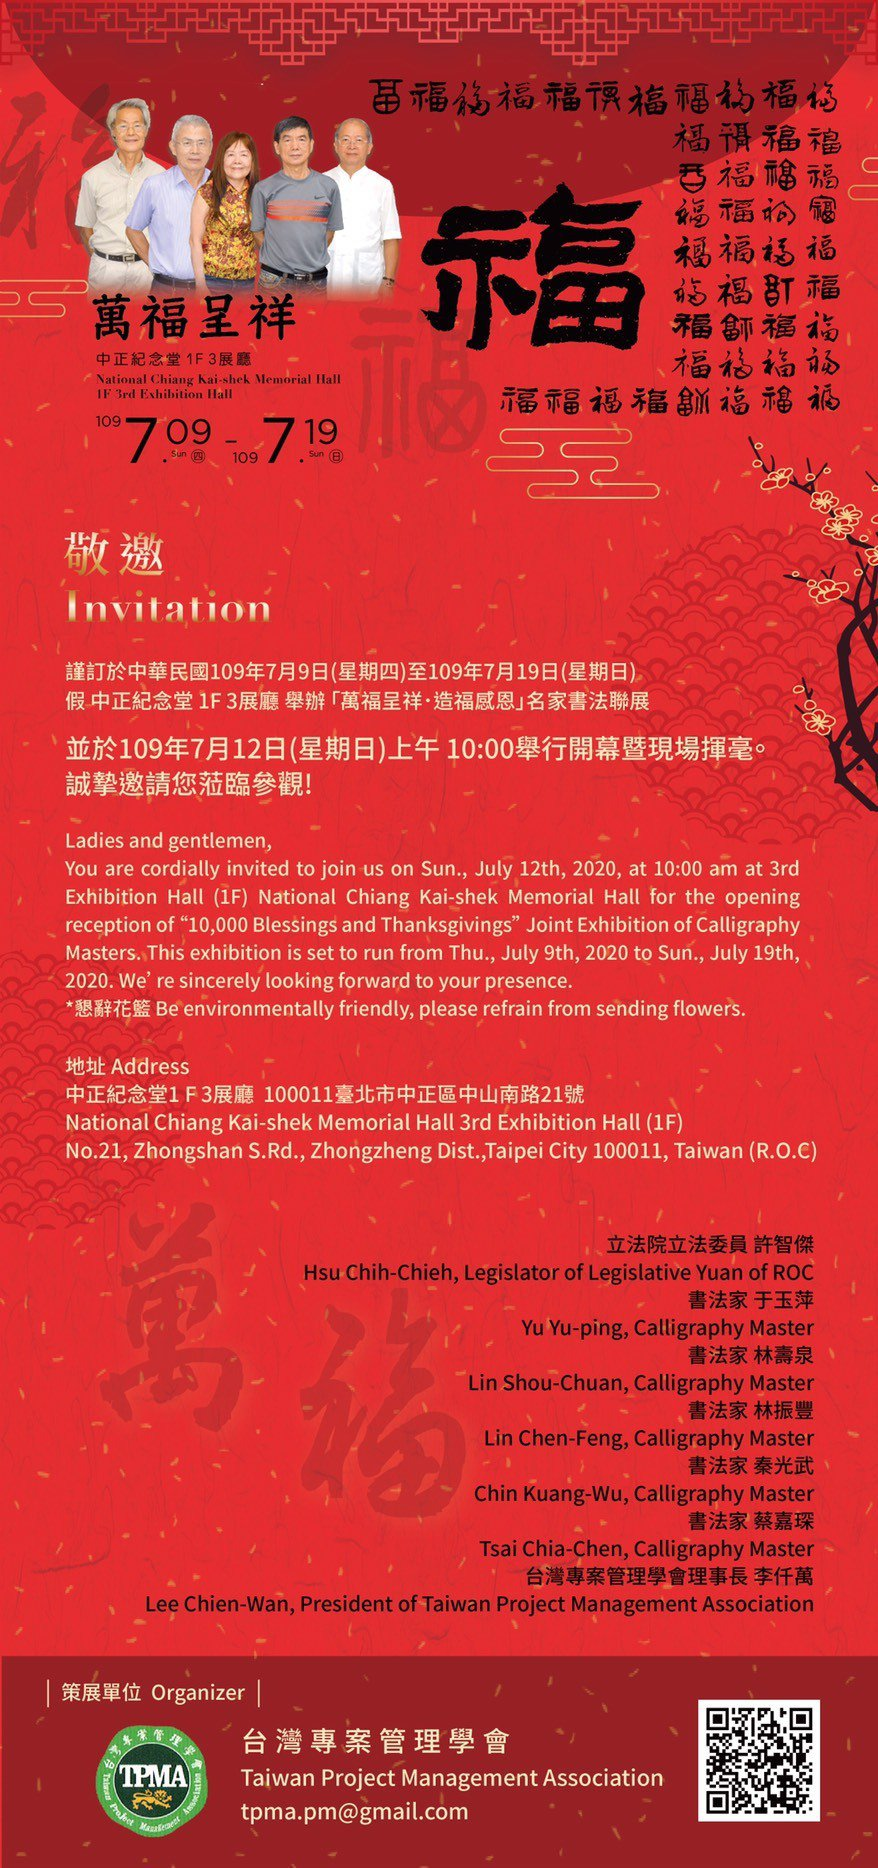 在台灣專案管理學會的策展下,高市書法界五大家將於7月9日到19日間,於台北中正紀...